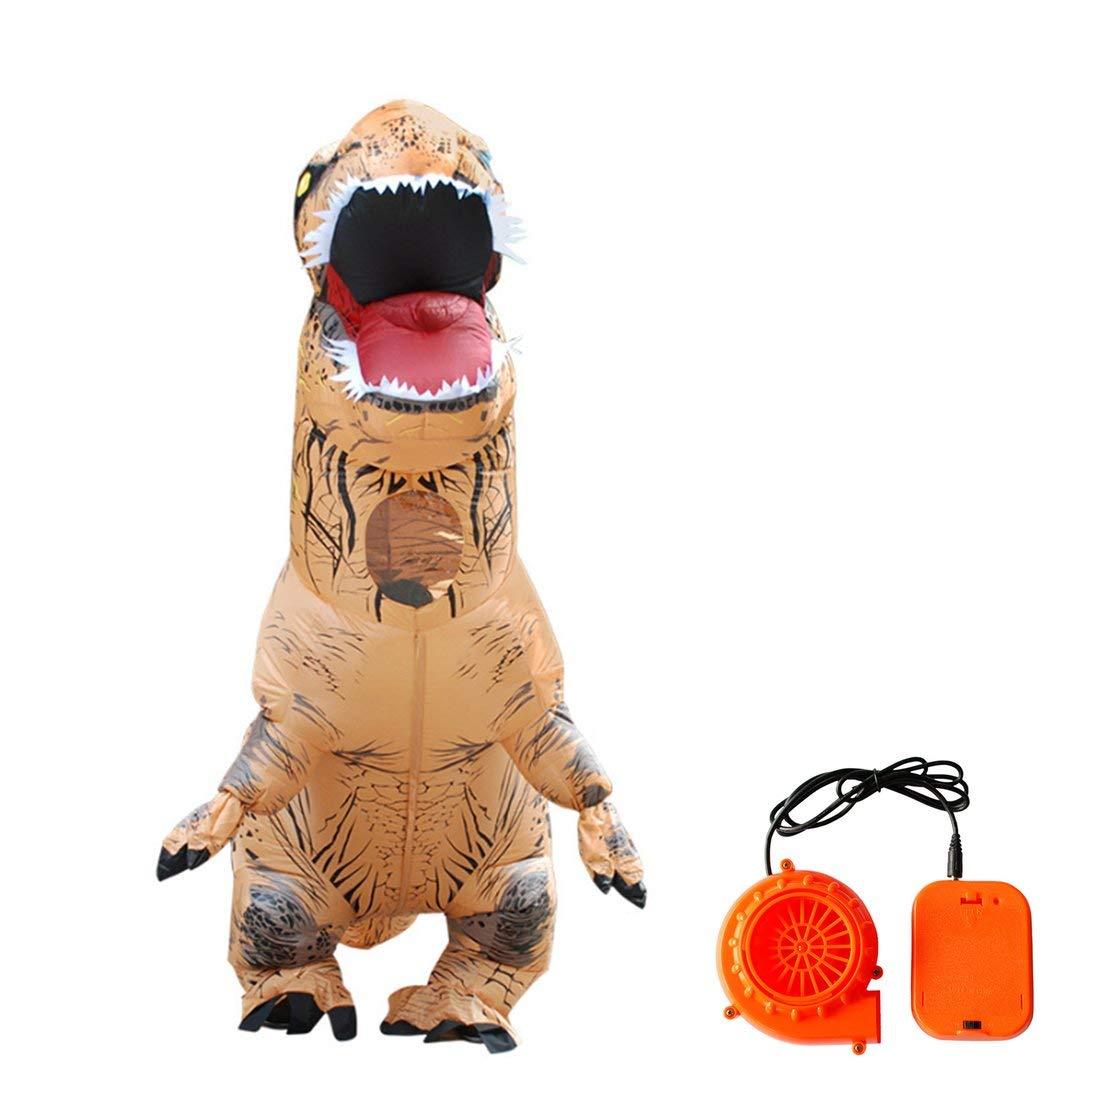 Laurelmartina Precioso diseño Lindo Inflable Dinosaurio Animal Disfraces Divertido Fiesta de Halloween Cosplay Traje de Despedida para niños